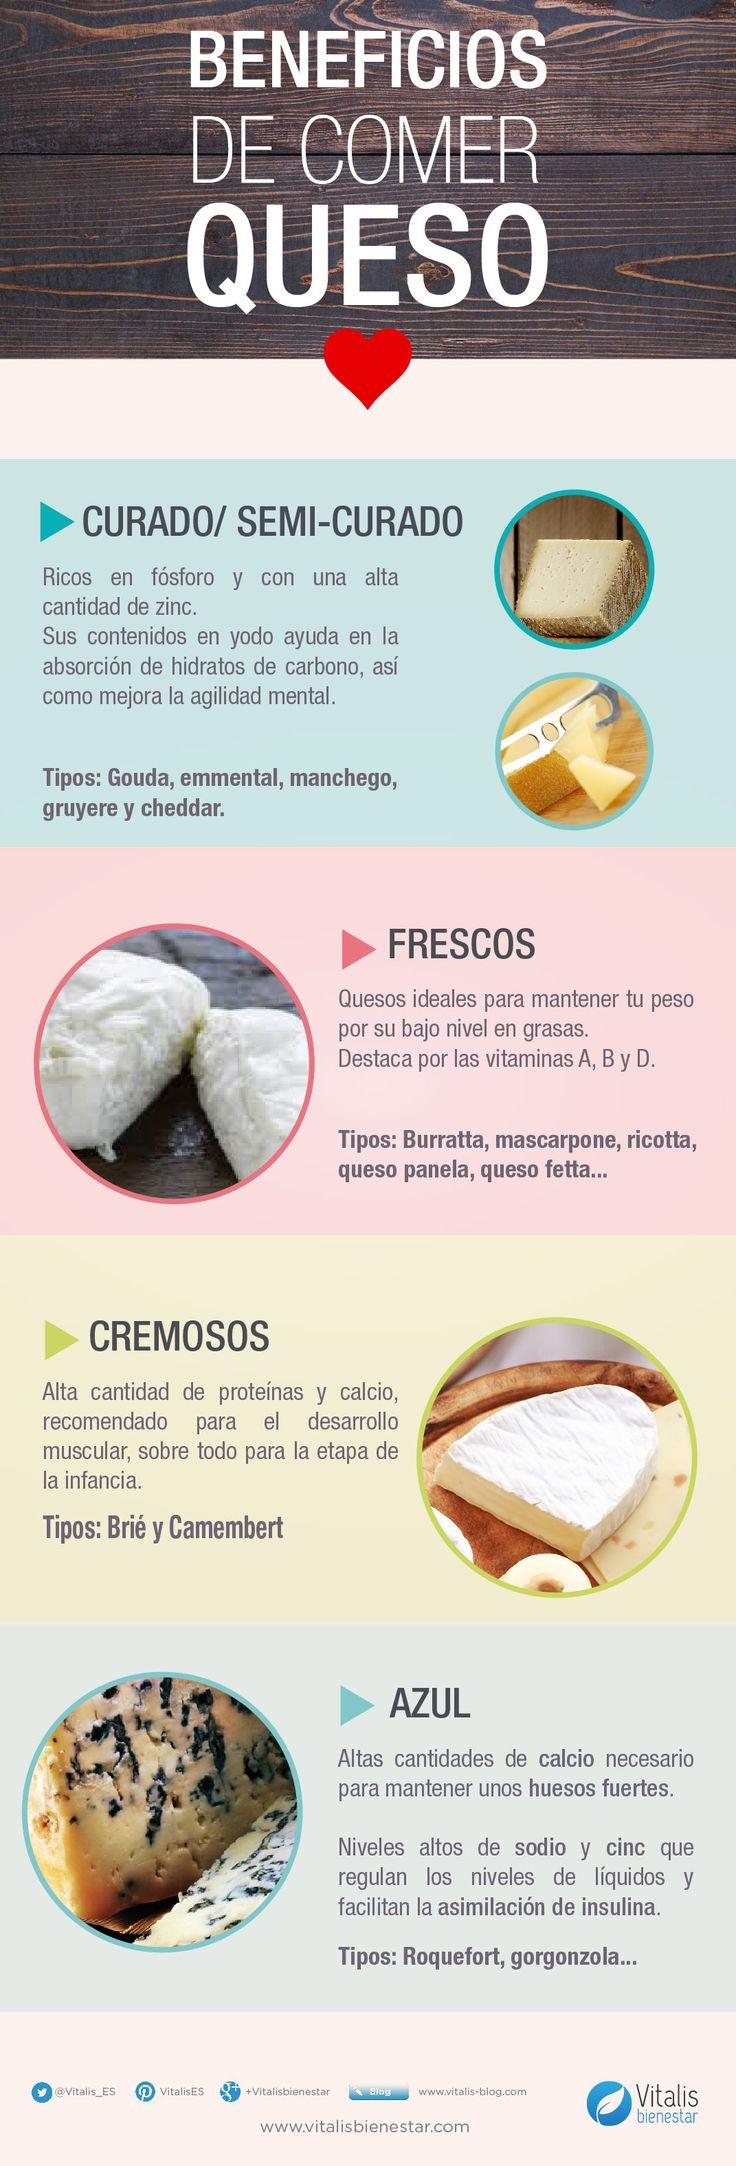 El queso y sus beneficios